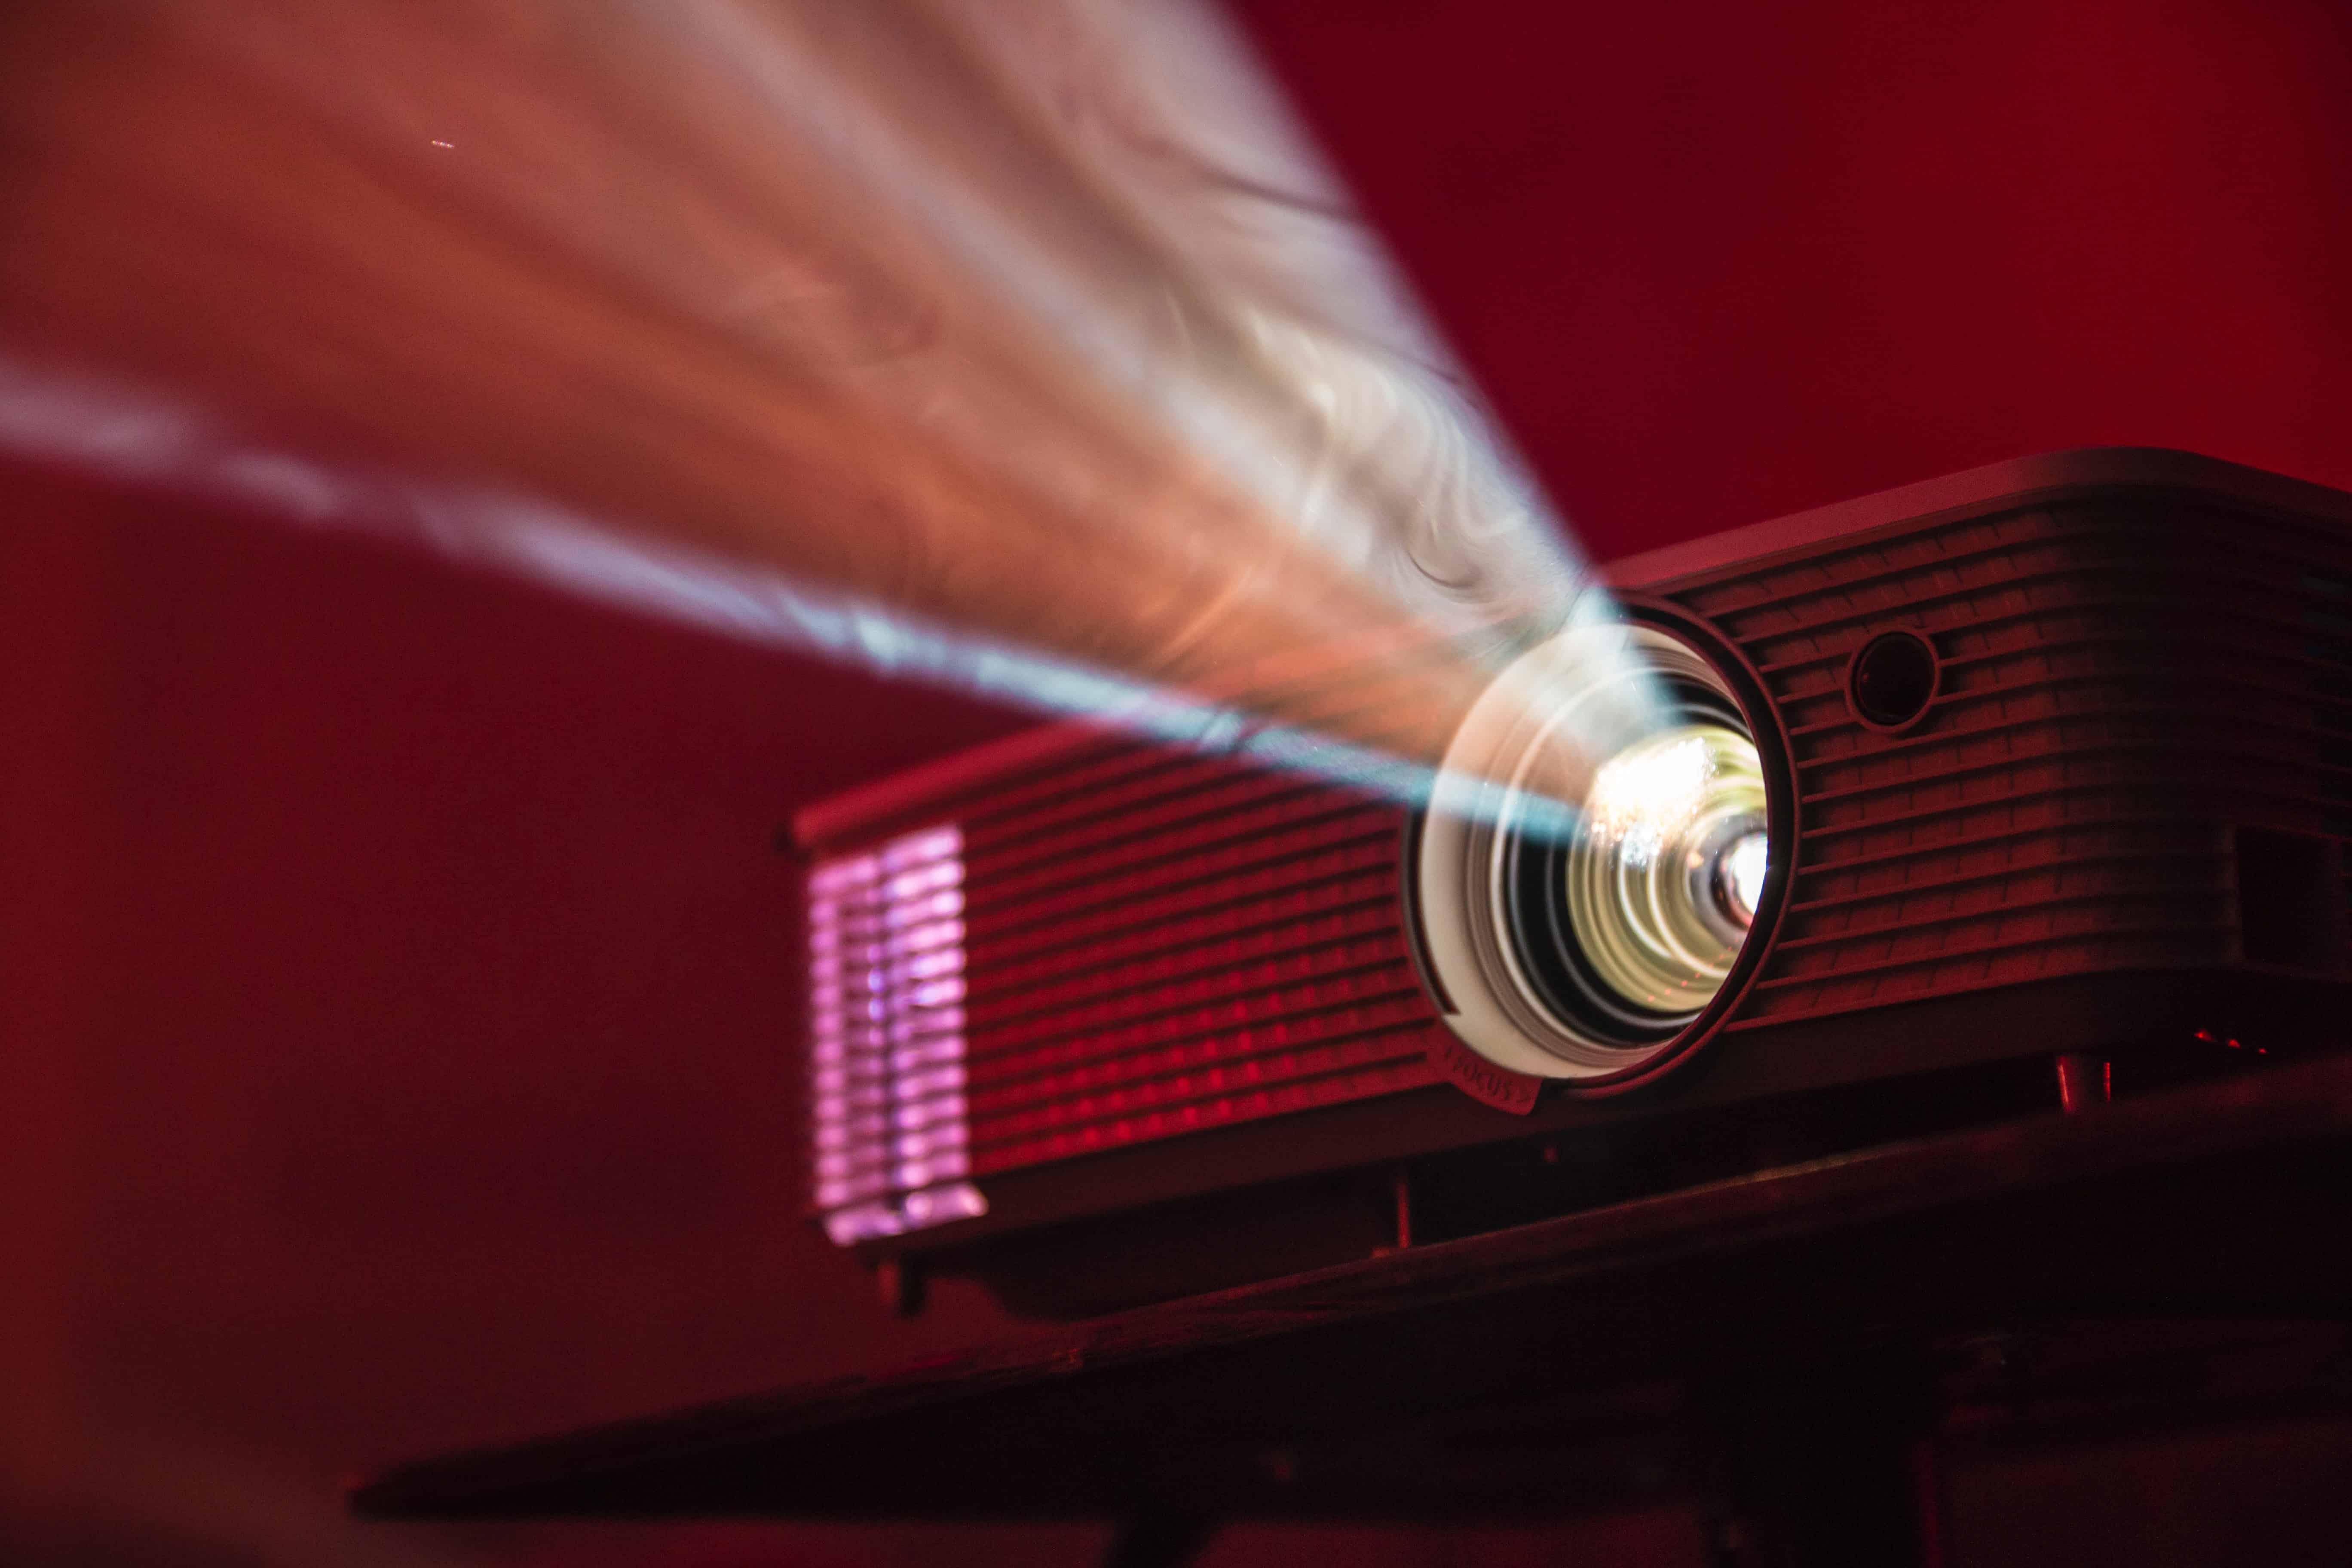 Projektionsuhr: Test & Empfehlungen (01/20)